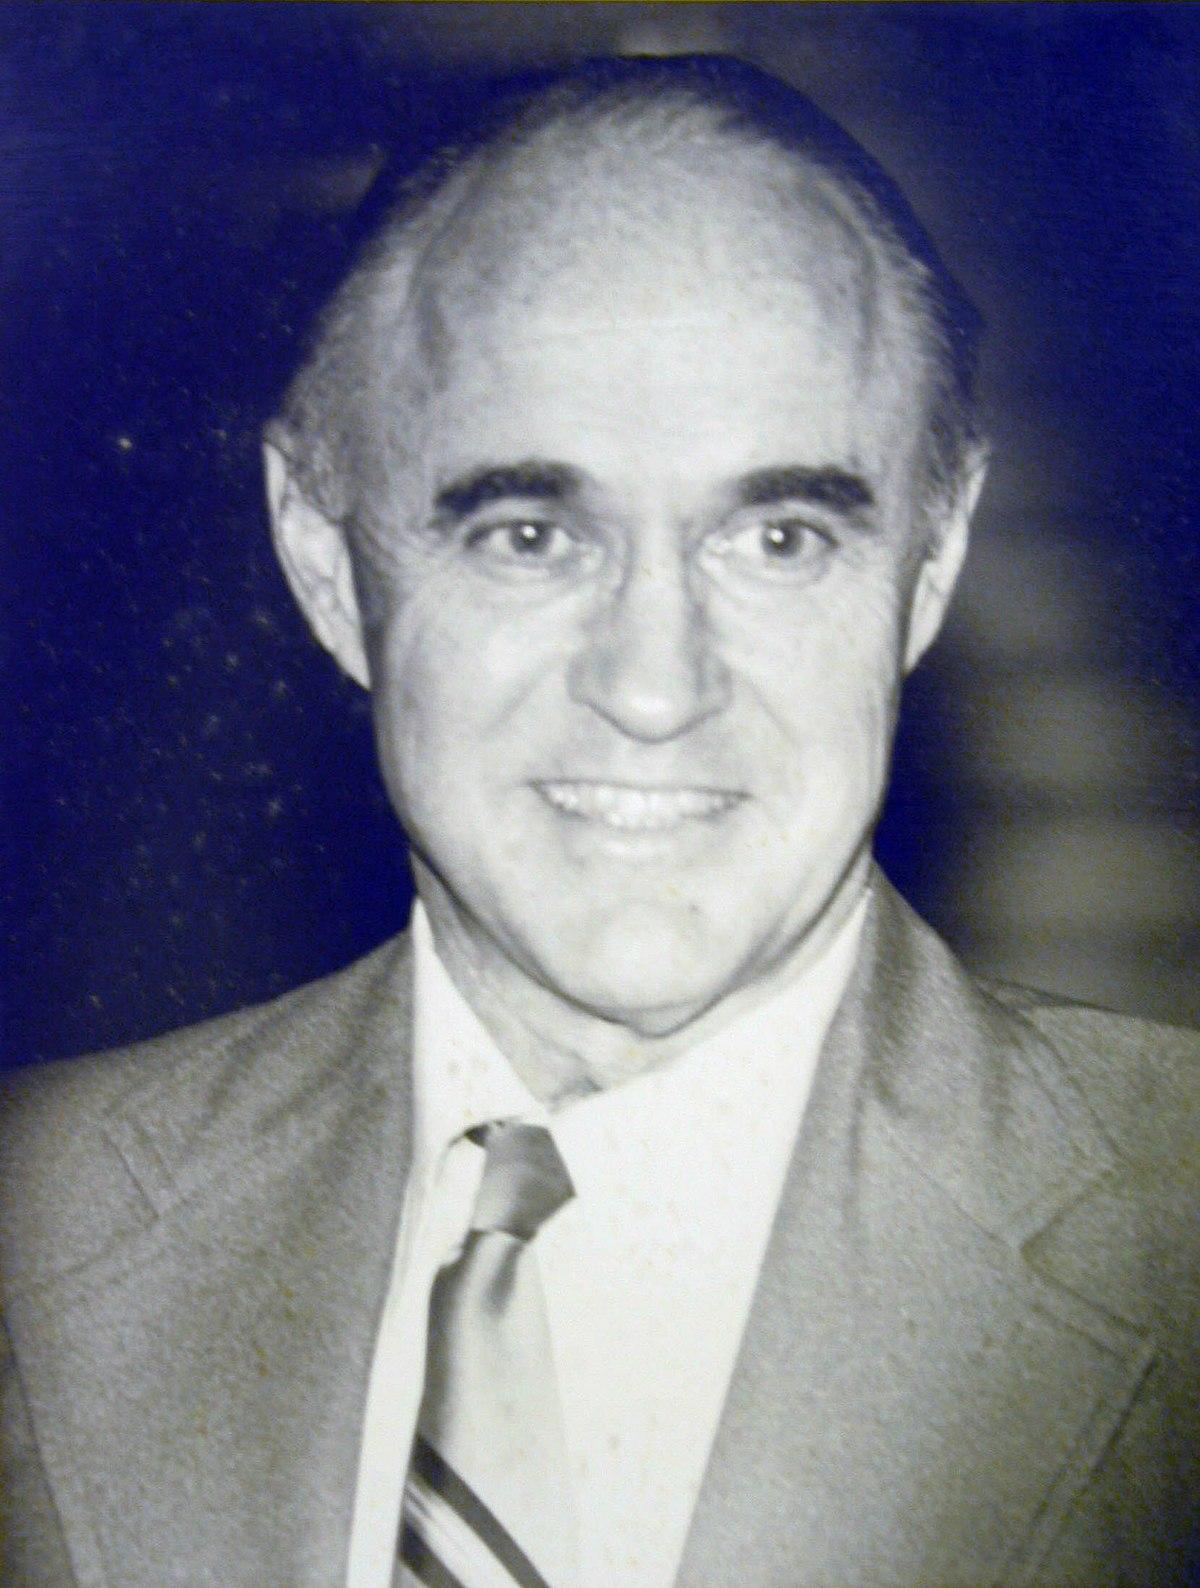 arthur guyton wikipedia